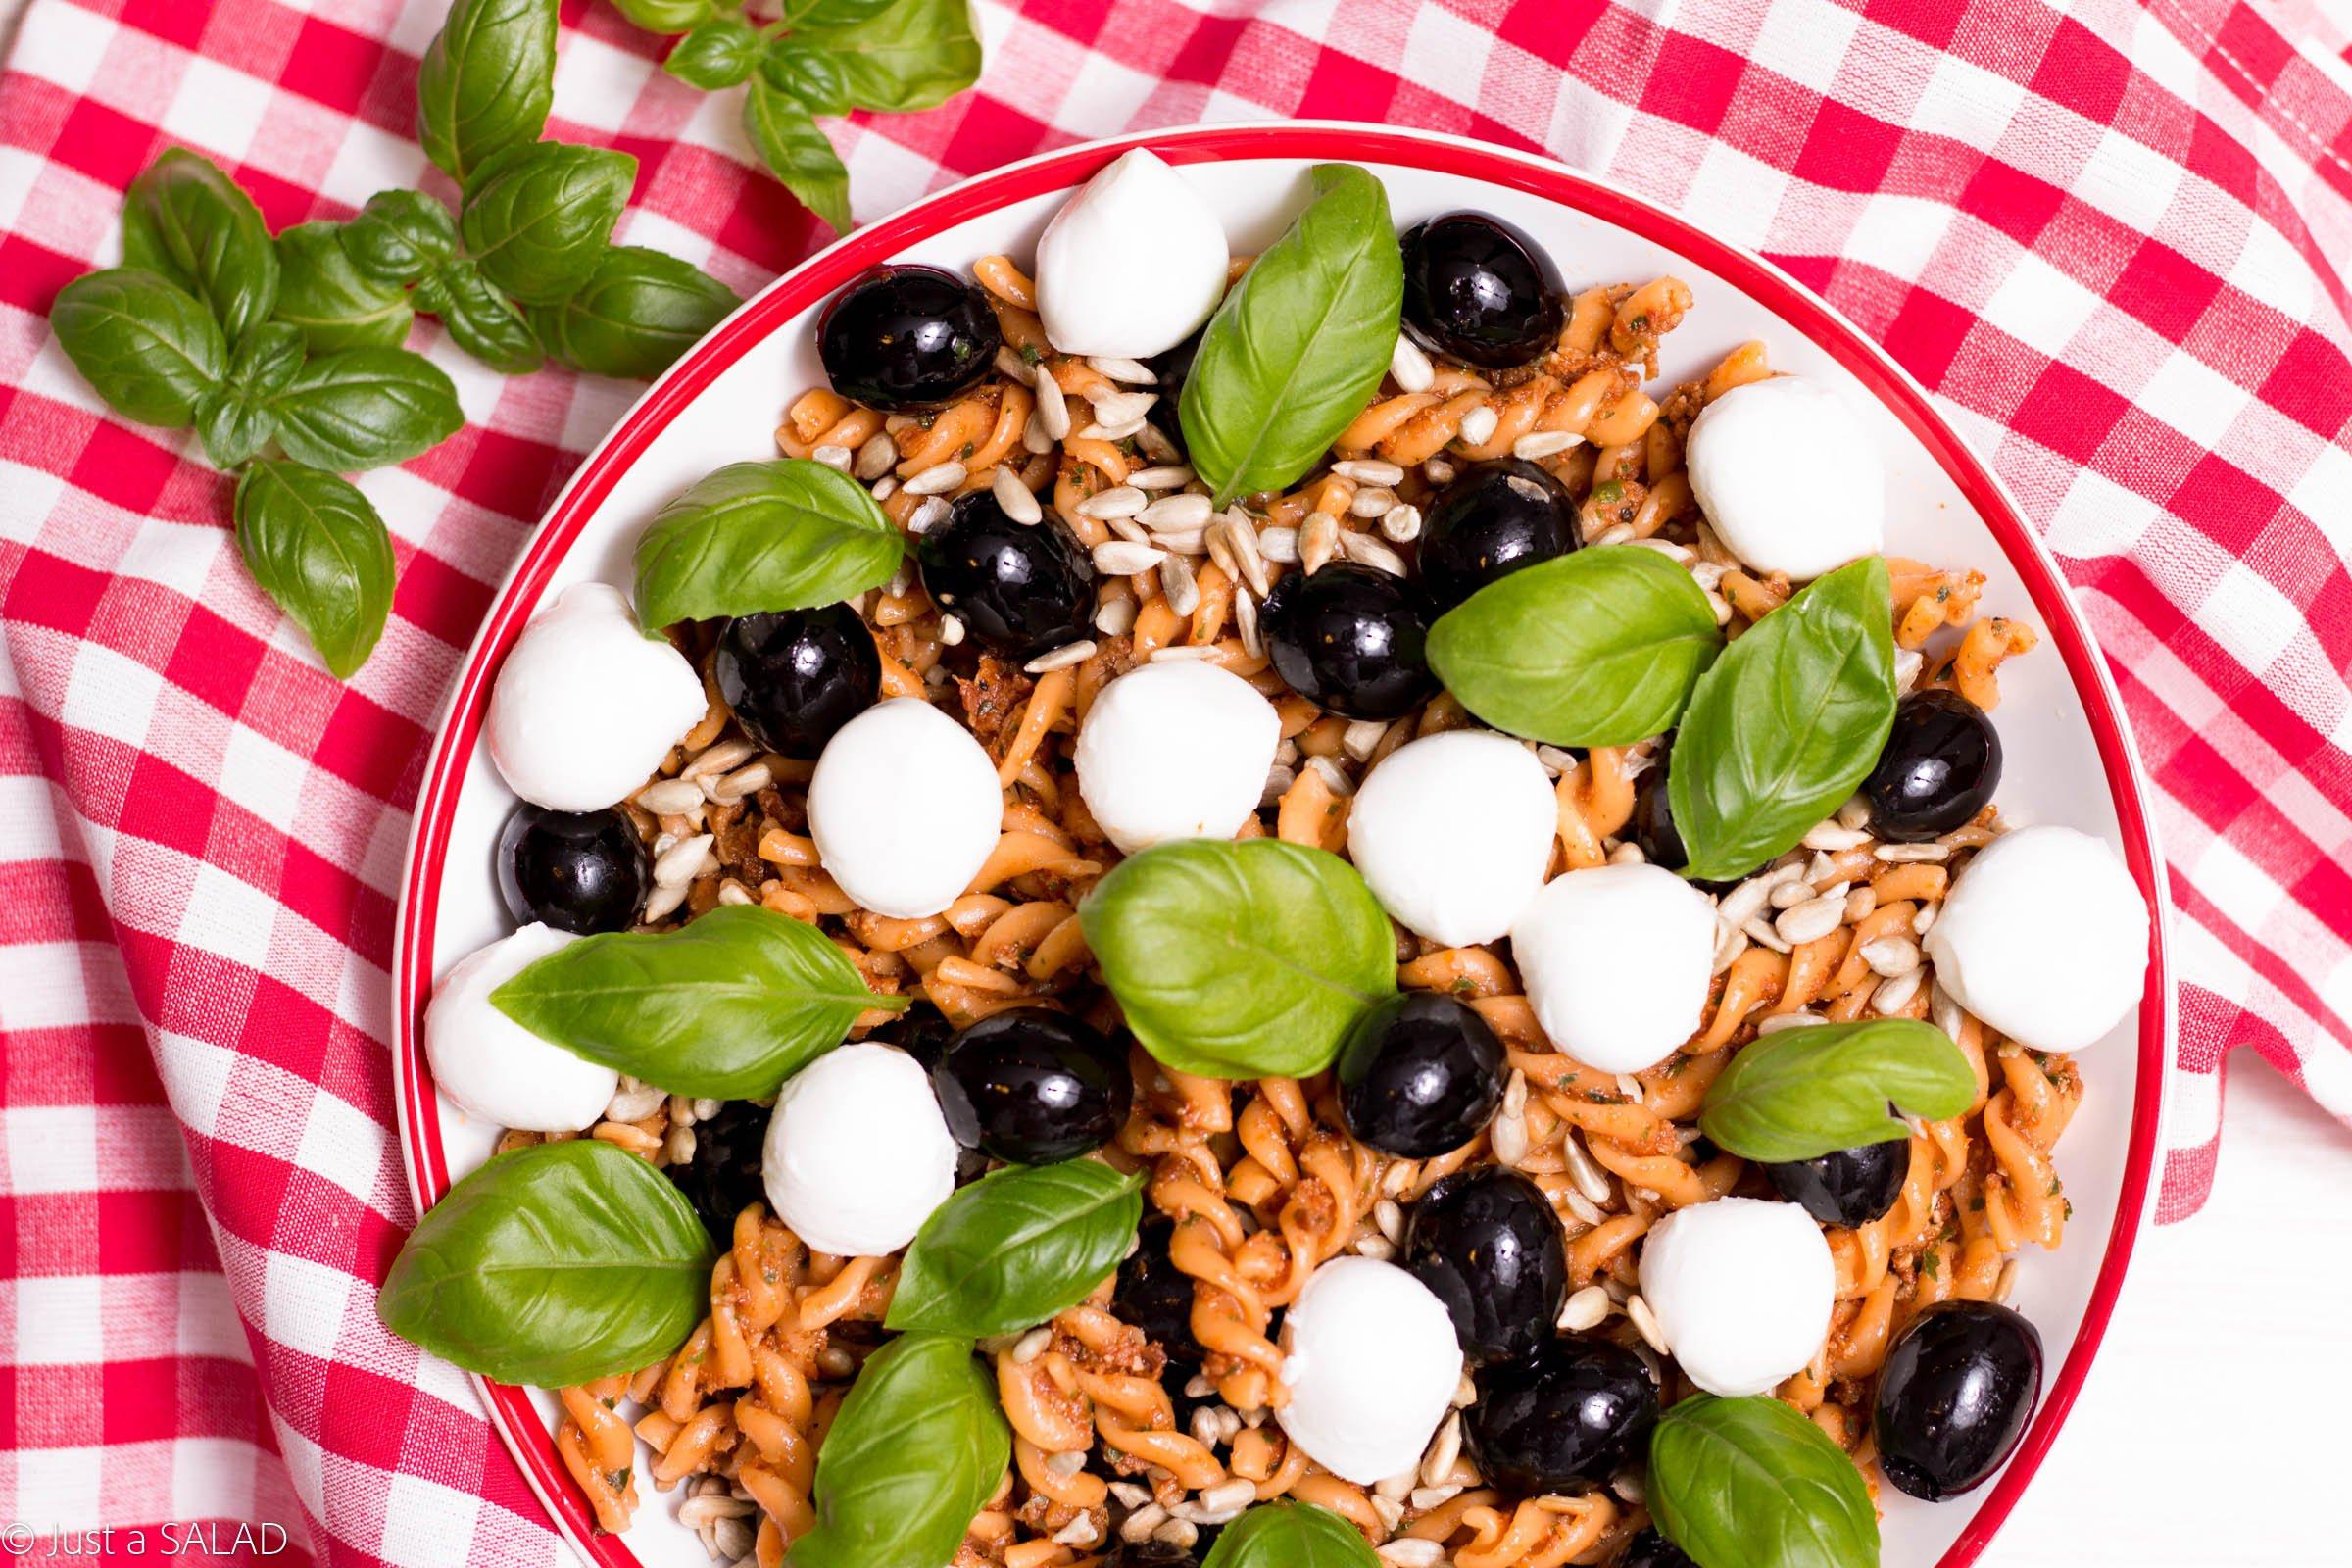 Sałatka z makaronem, pesto z suszonych pomidorów, oliwkami, mozzarellą i pestkami słonecznika